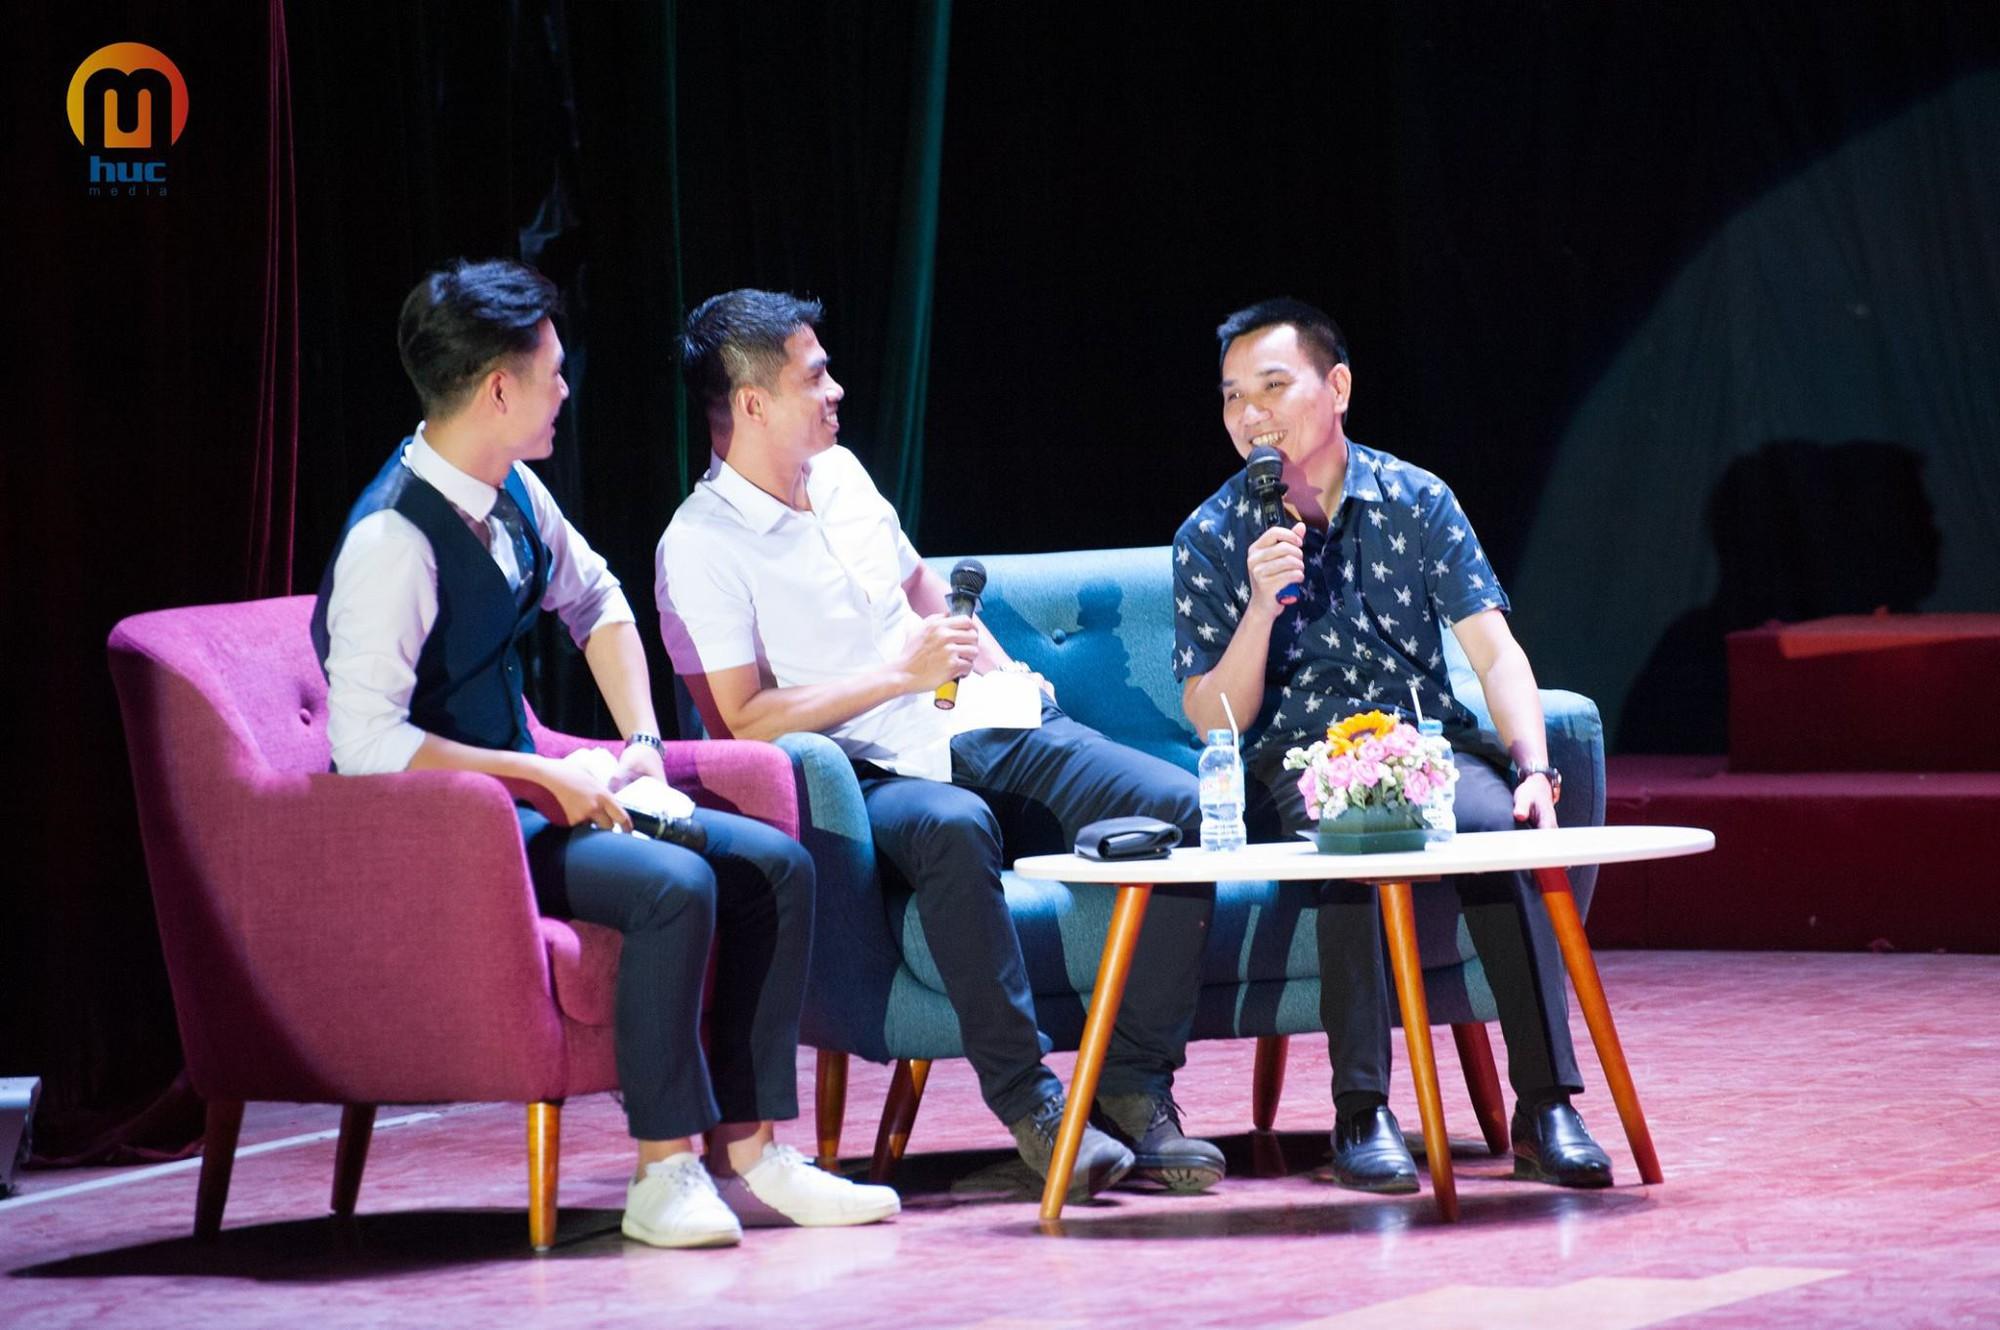 Nhà văn Nguyễn Hoàng Hải nói về kỹ năng của người trẻ: